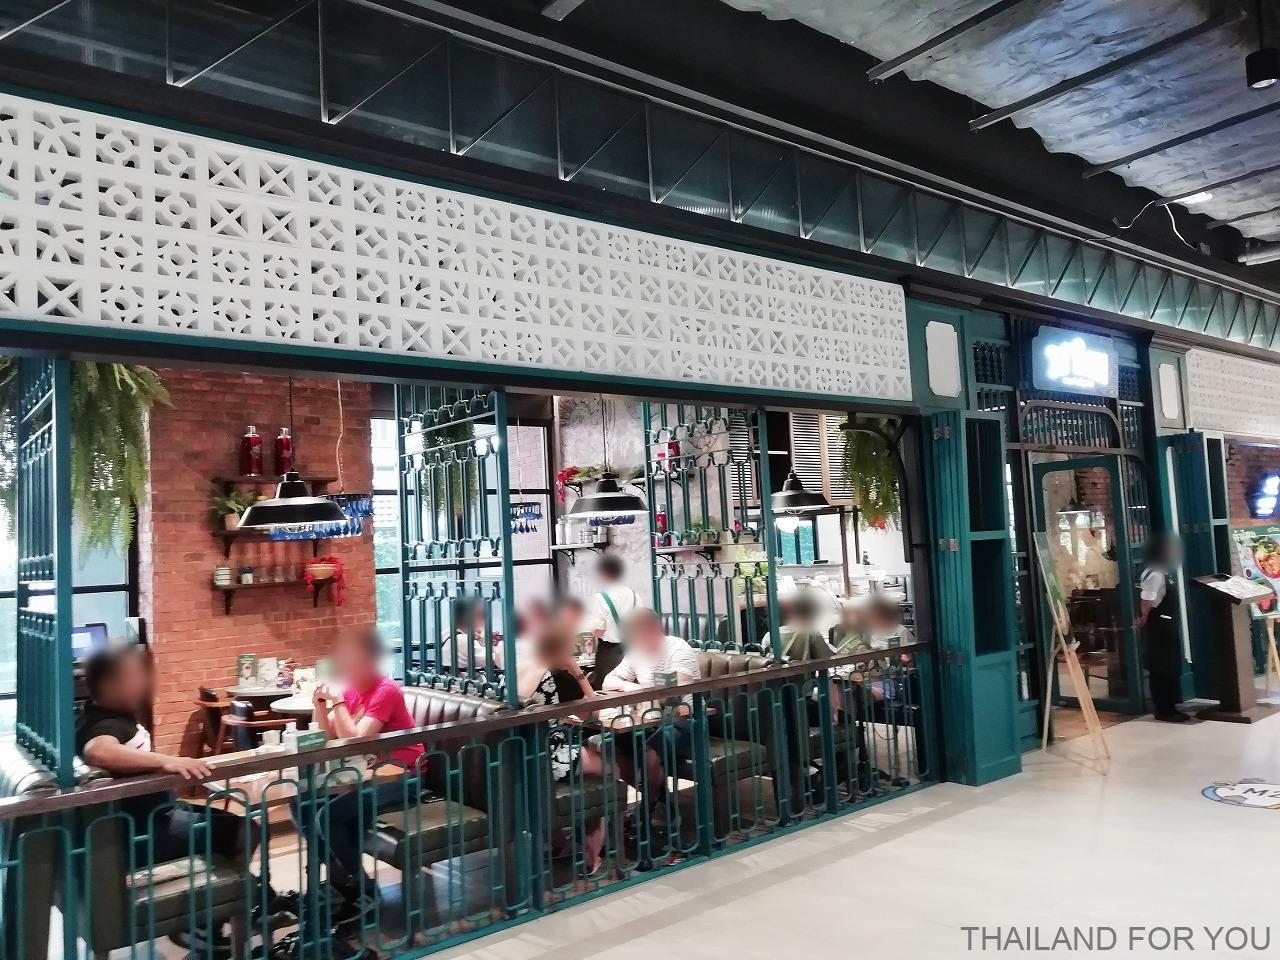 ザ・マーケット・バンコク ロットニヨム the market bangkok 写真